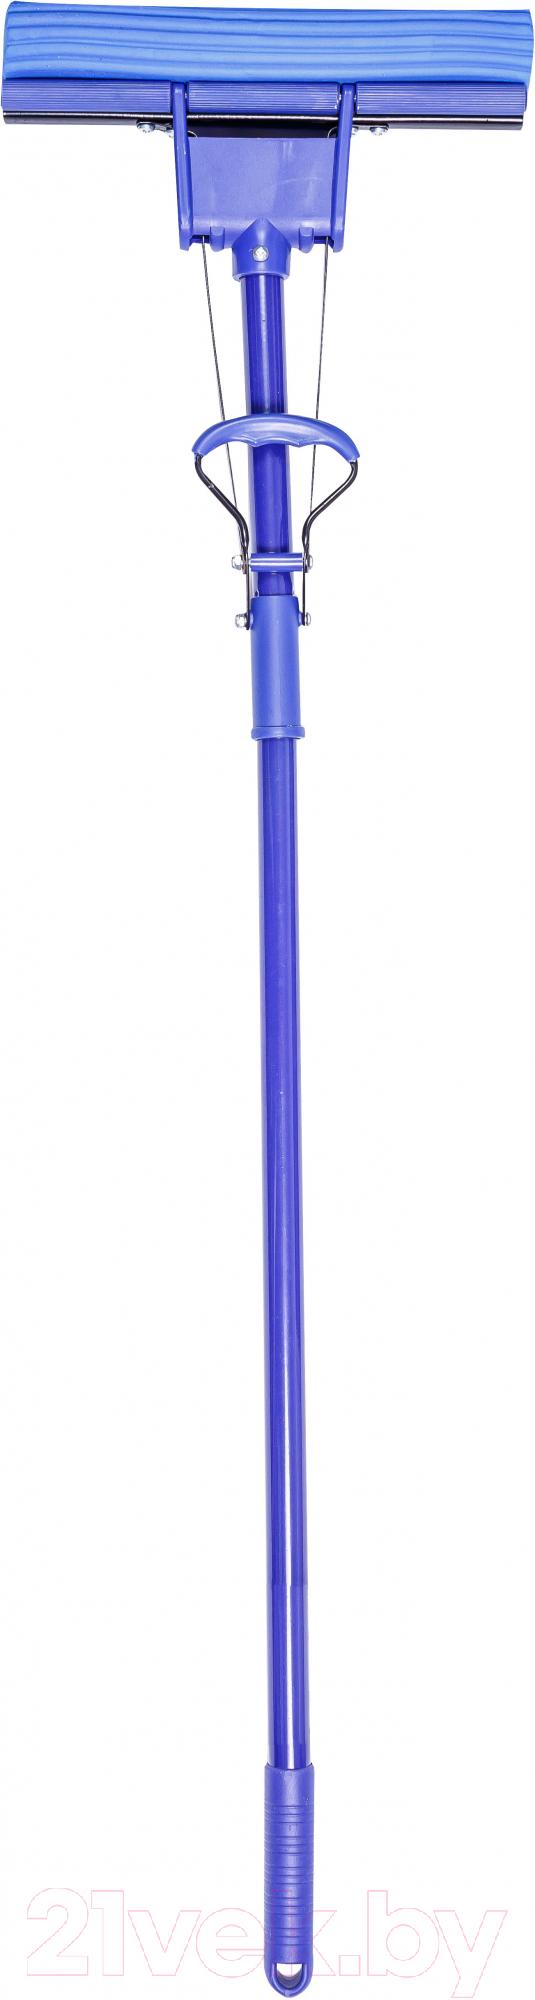 Купить Швабра с отжимом Золушка, H96-WP01, Китай, пластик